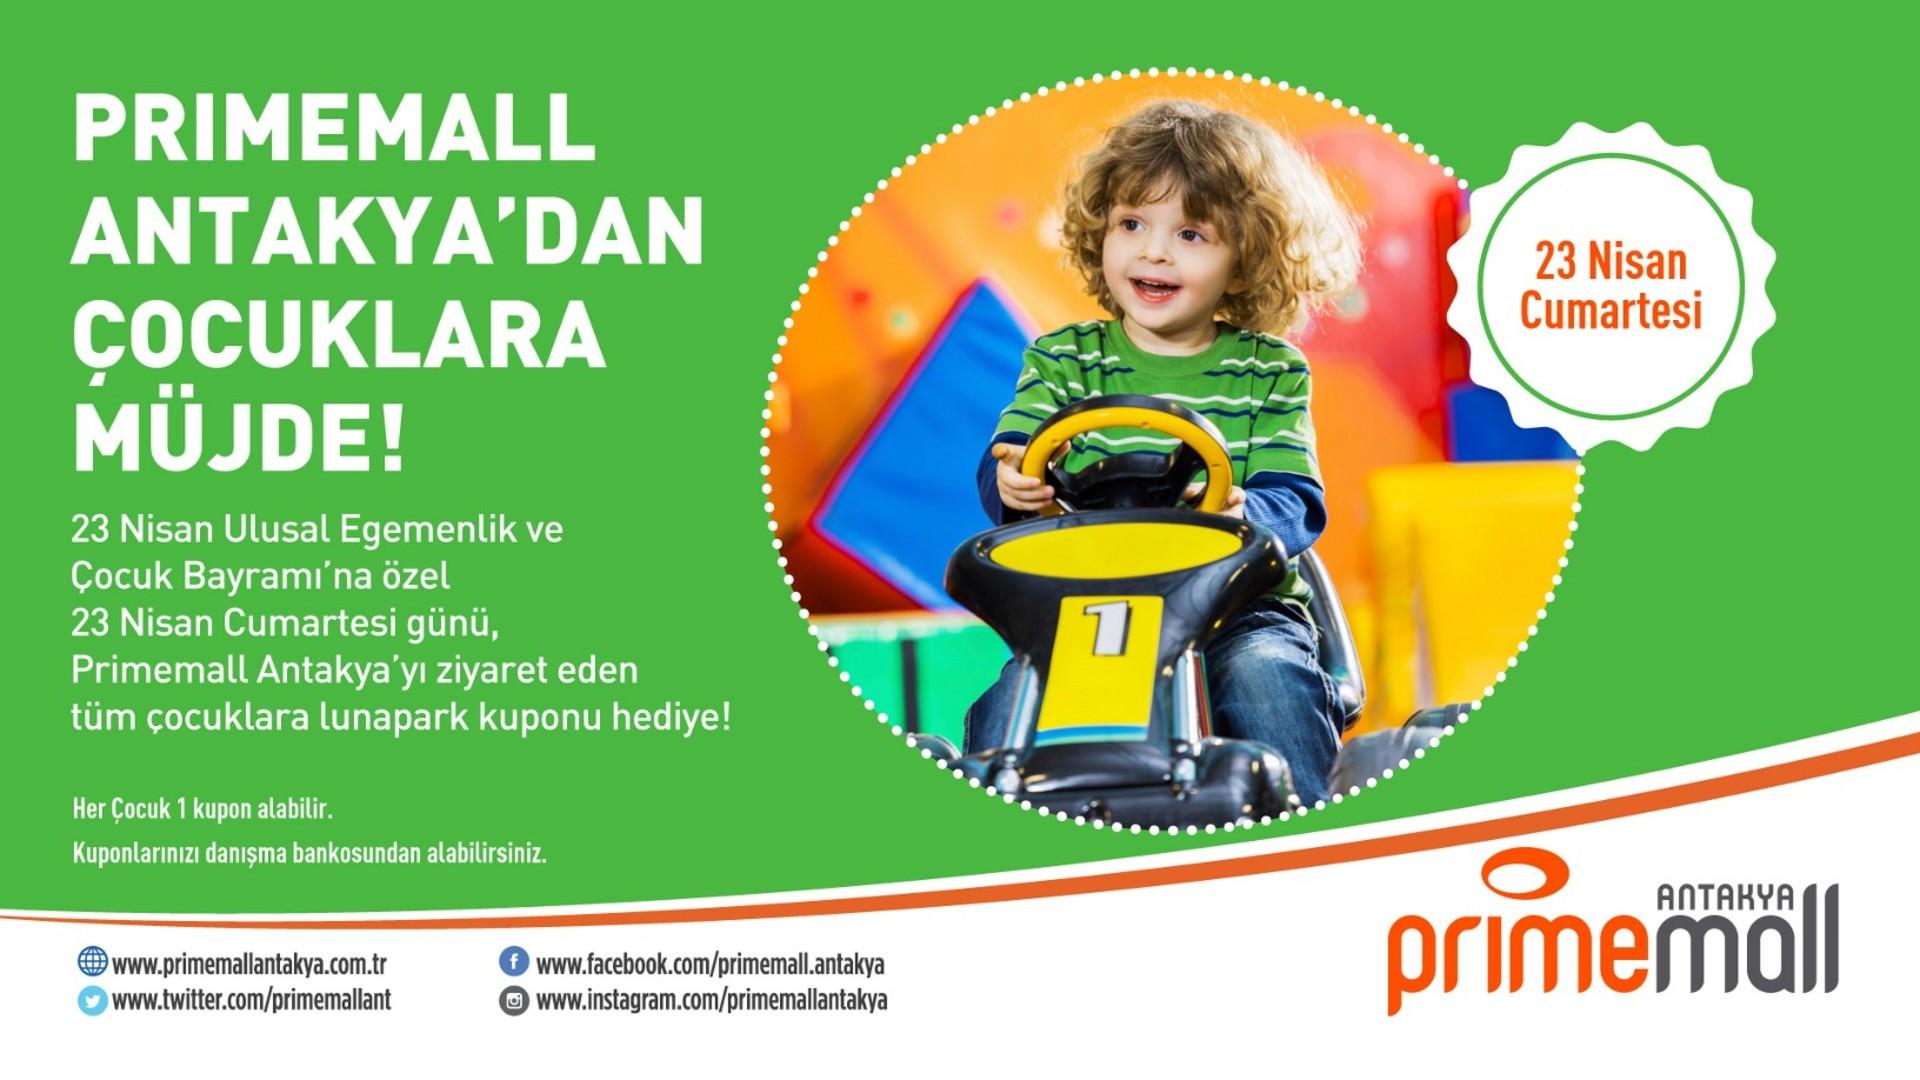 Primemall Antakya'dan Çocuklara Müjde!